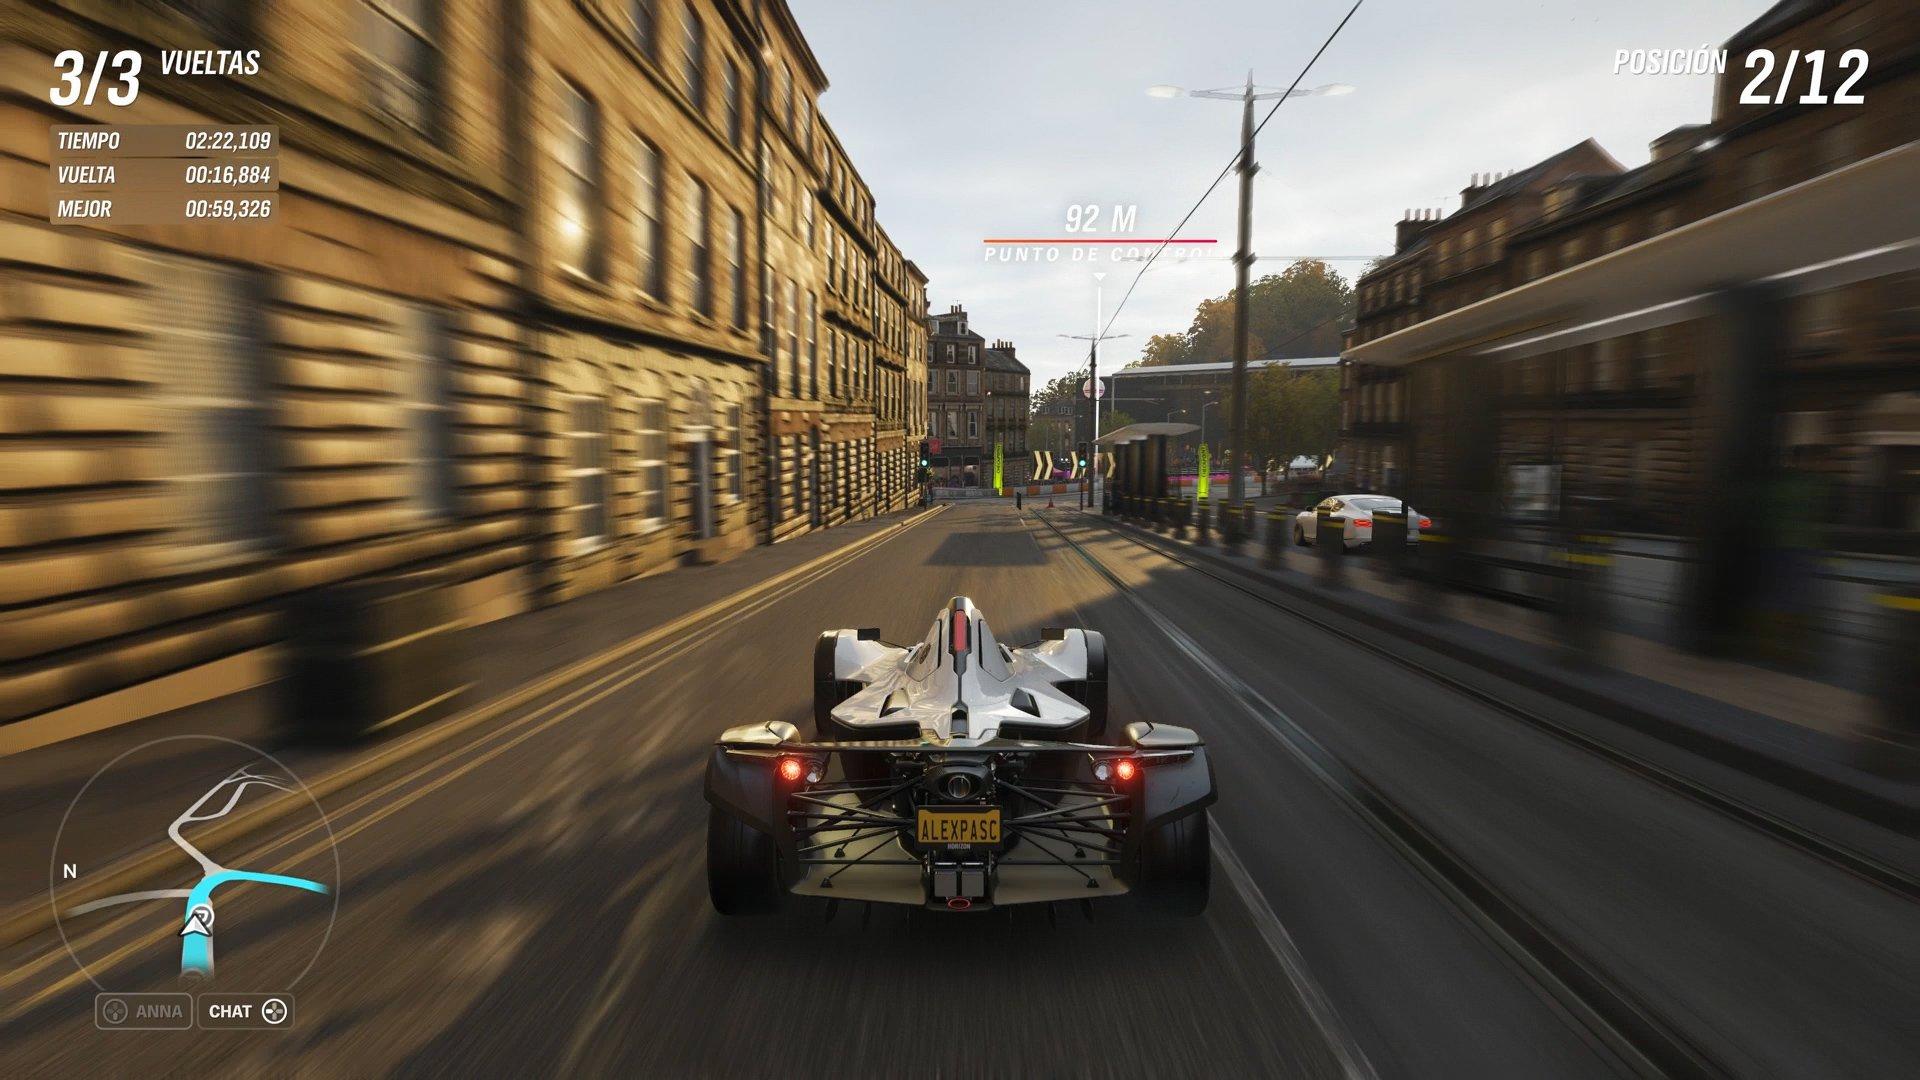 Análisis de Forza Horizon 4 para Xbox One - 3DJuegos